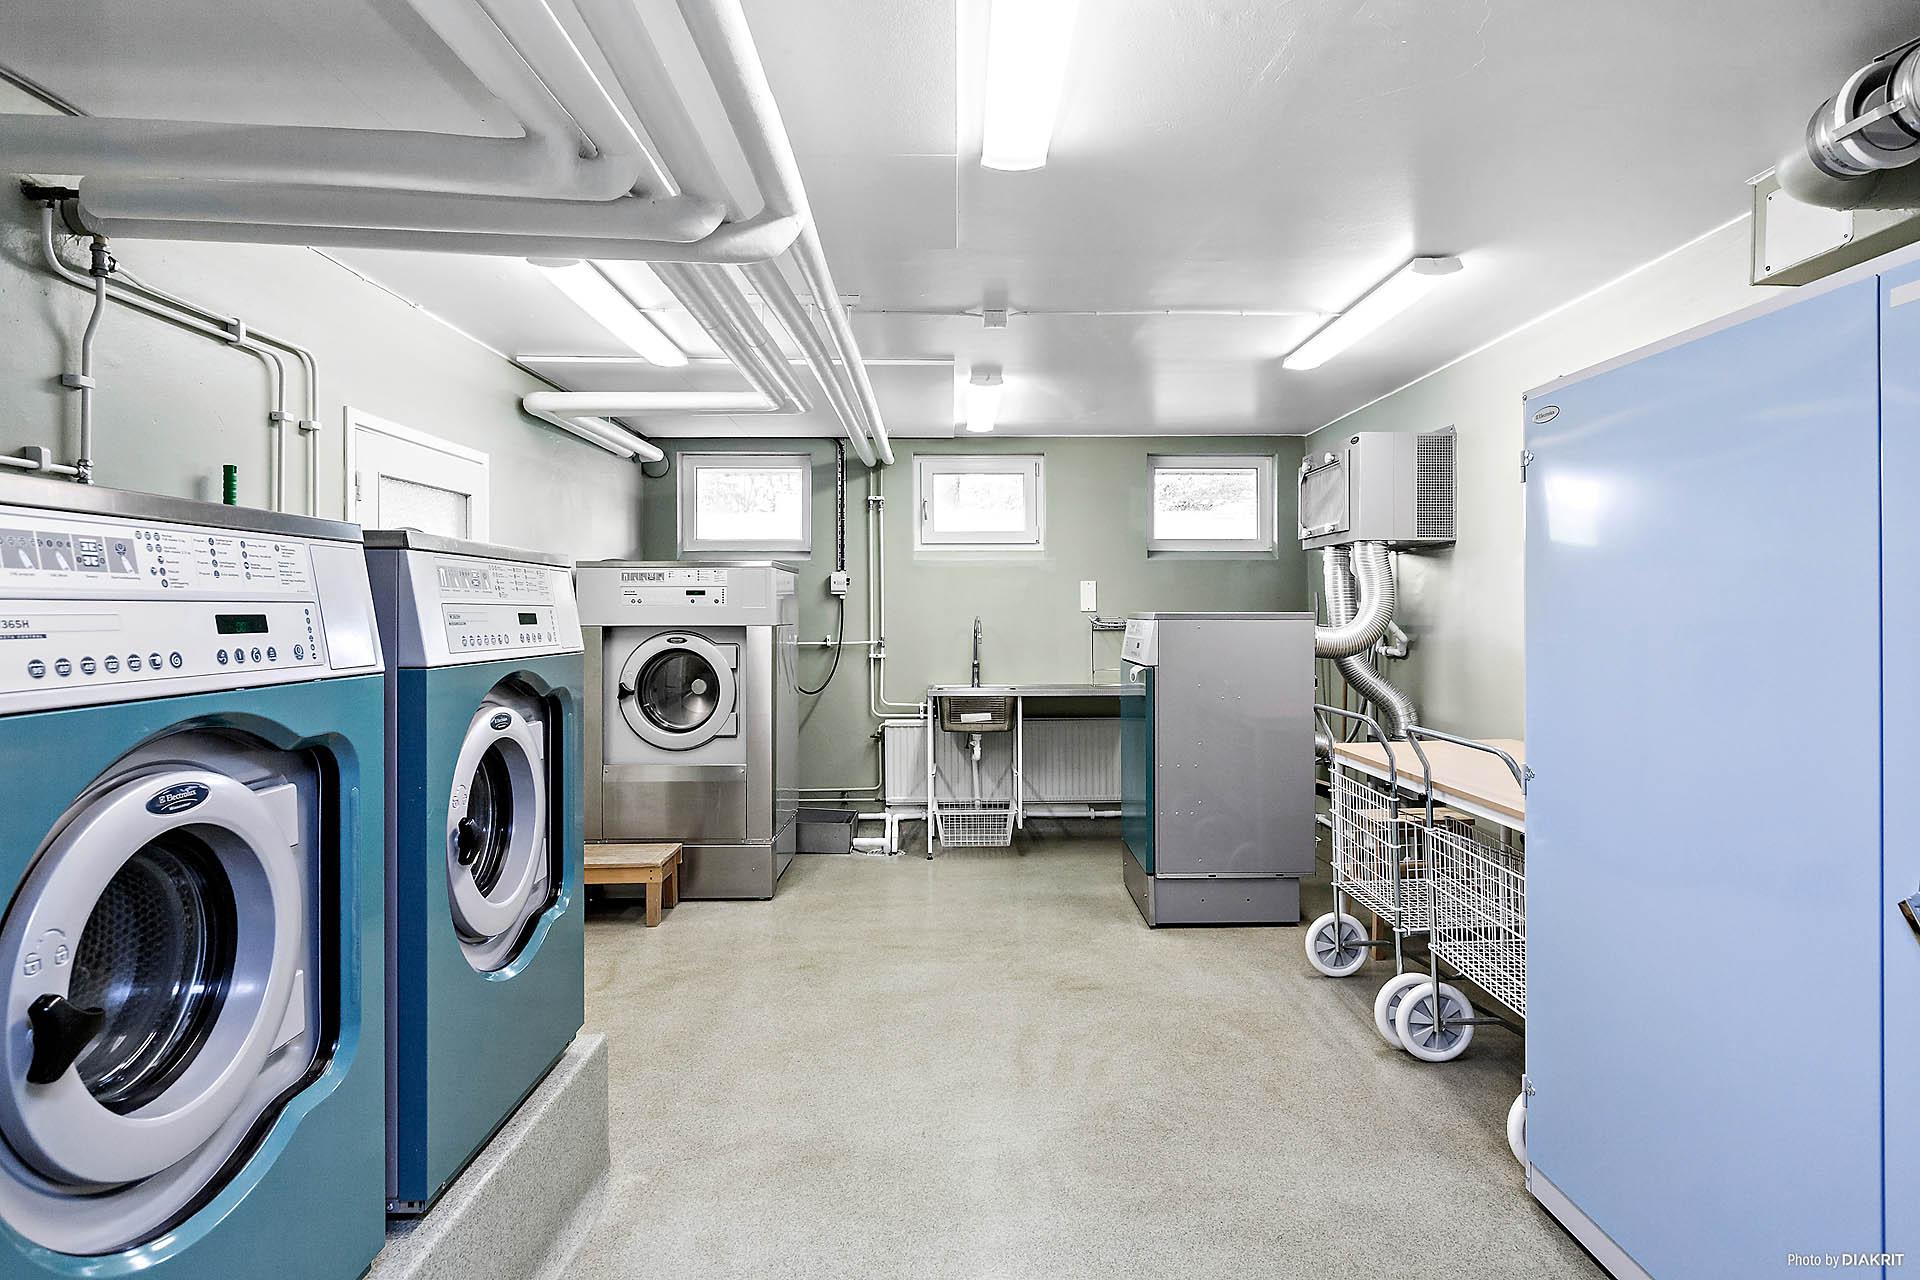 Gemensam tvättstuga i källaren